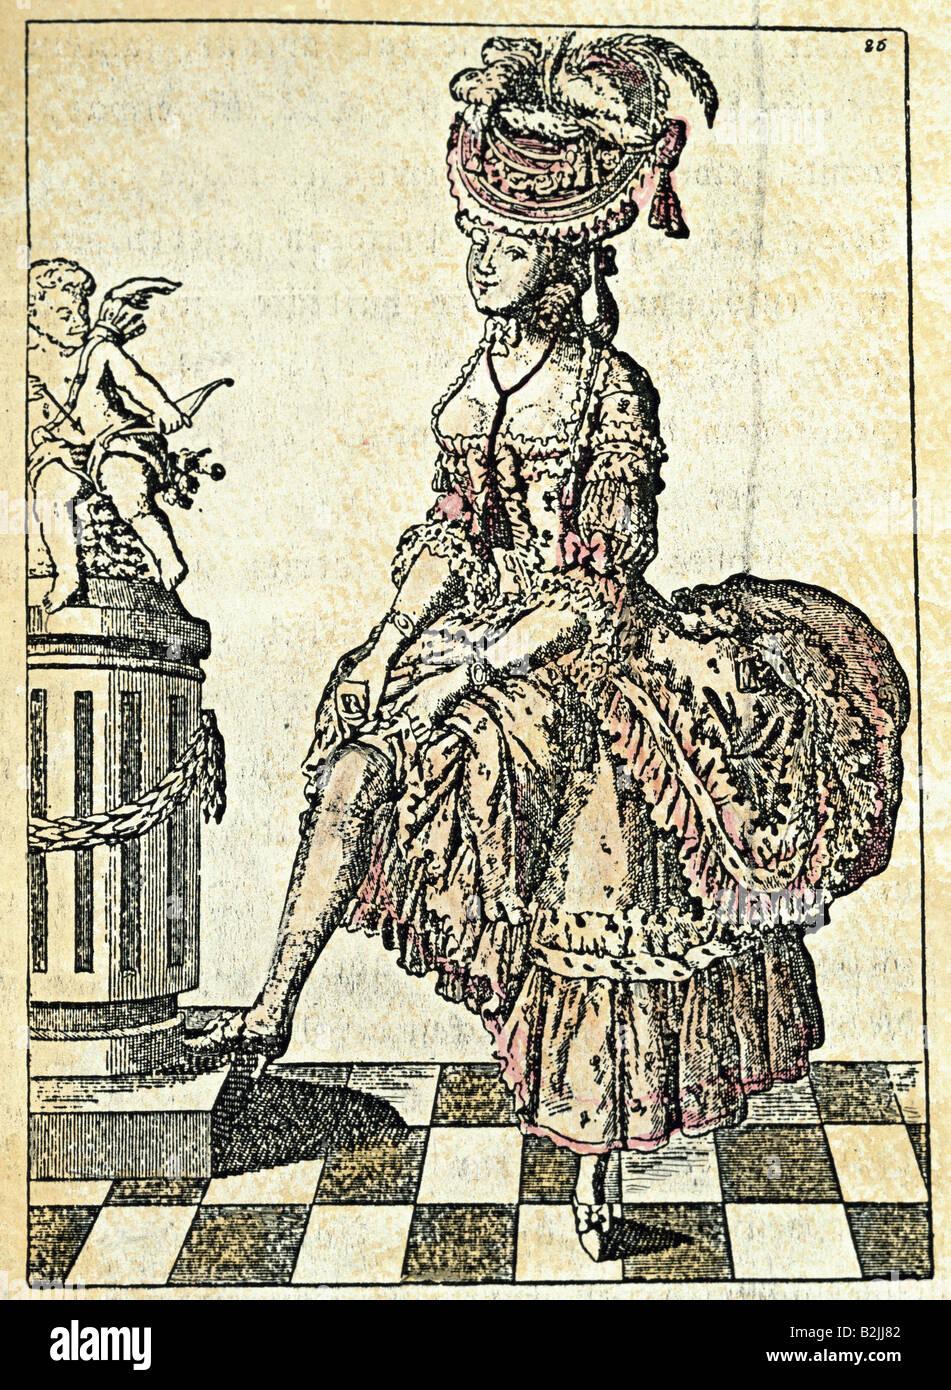 Algunas personas, mujeres, 16 - siglo xviii, 'El coqueto', grabado, coloreado, Alemania, circa 1750, colección Imagen De Stock